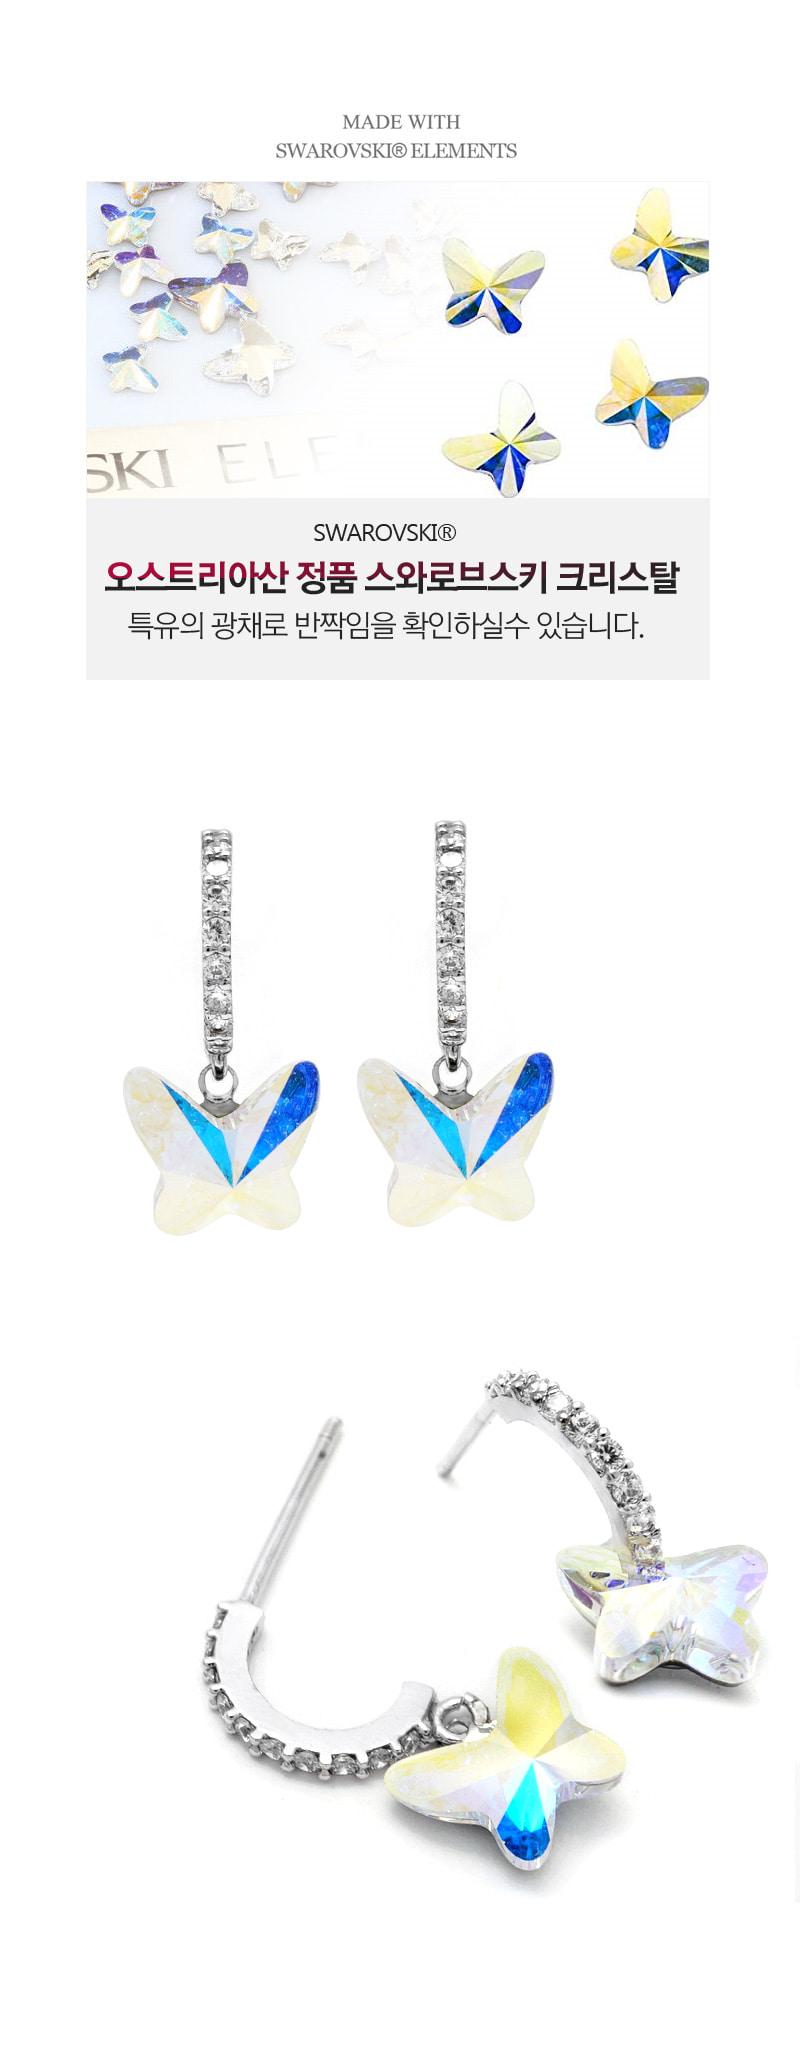 스와로브스키 크리스탈 나비 롱 드롭 AB 귀걸이 ESG3172 - 비욘드라이프, 13,600원, 진주/원석, 드롭귀걸이